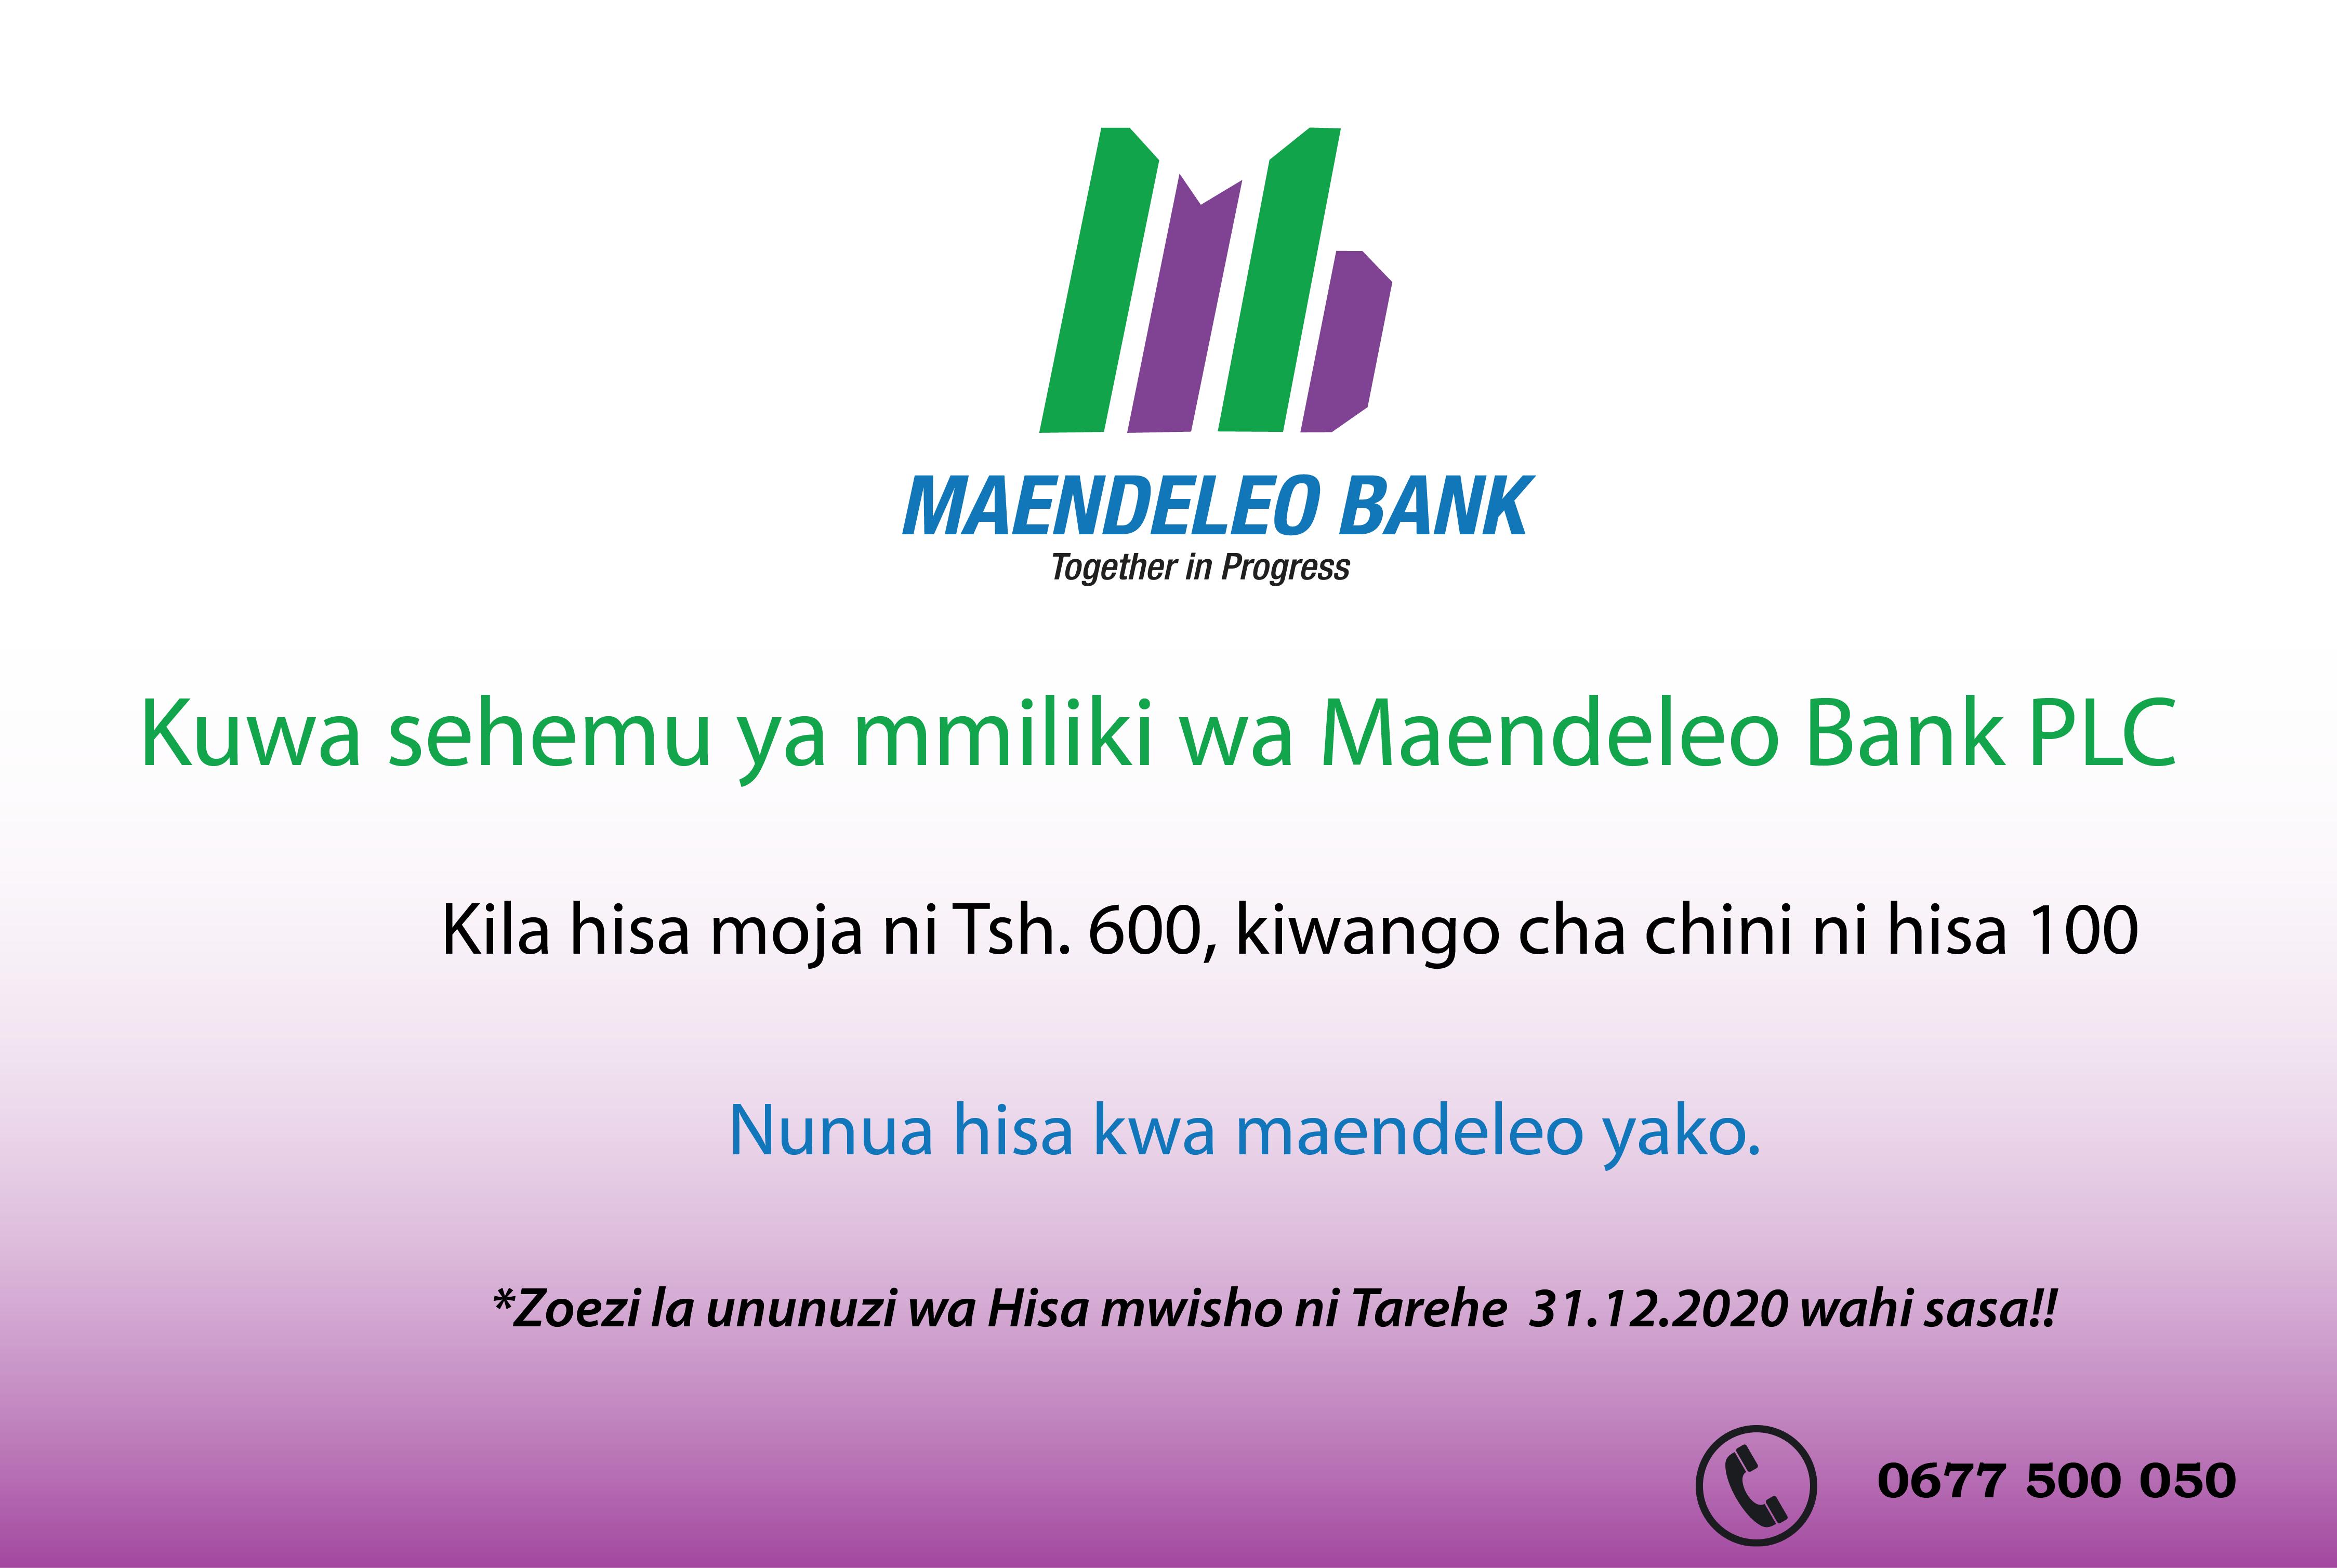 KUFUNGWA DIRISHA LA UUZAJI WA HISA ZA MAENDELEO BANK